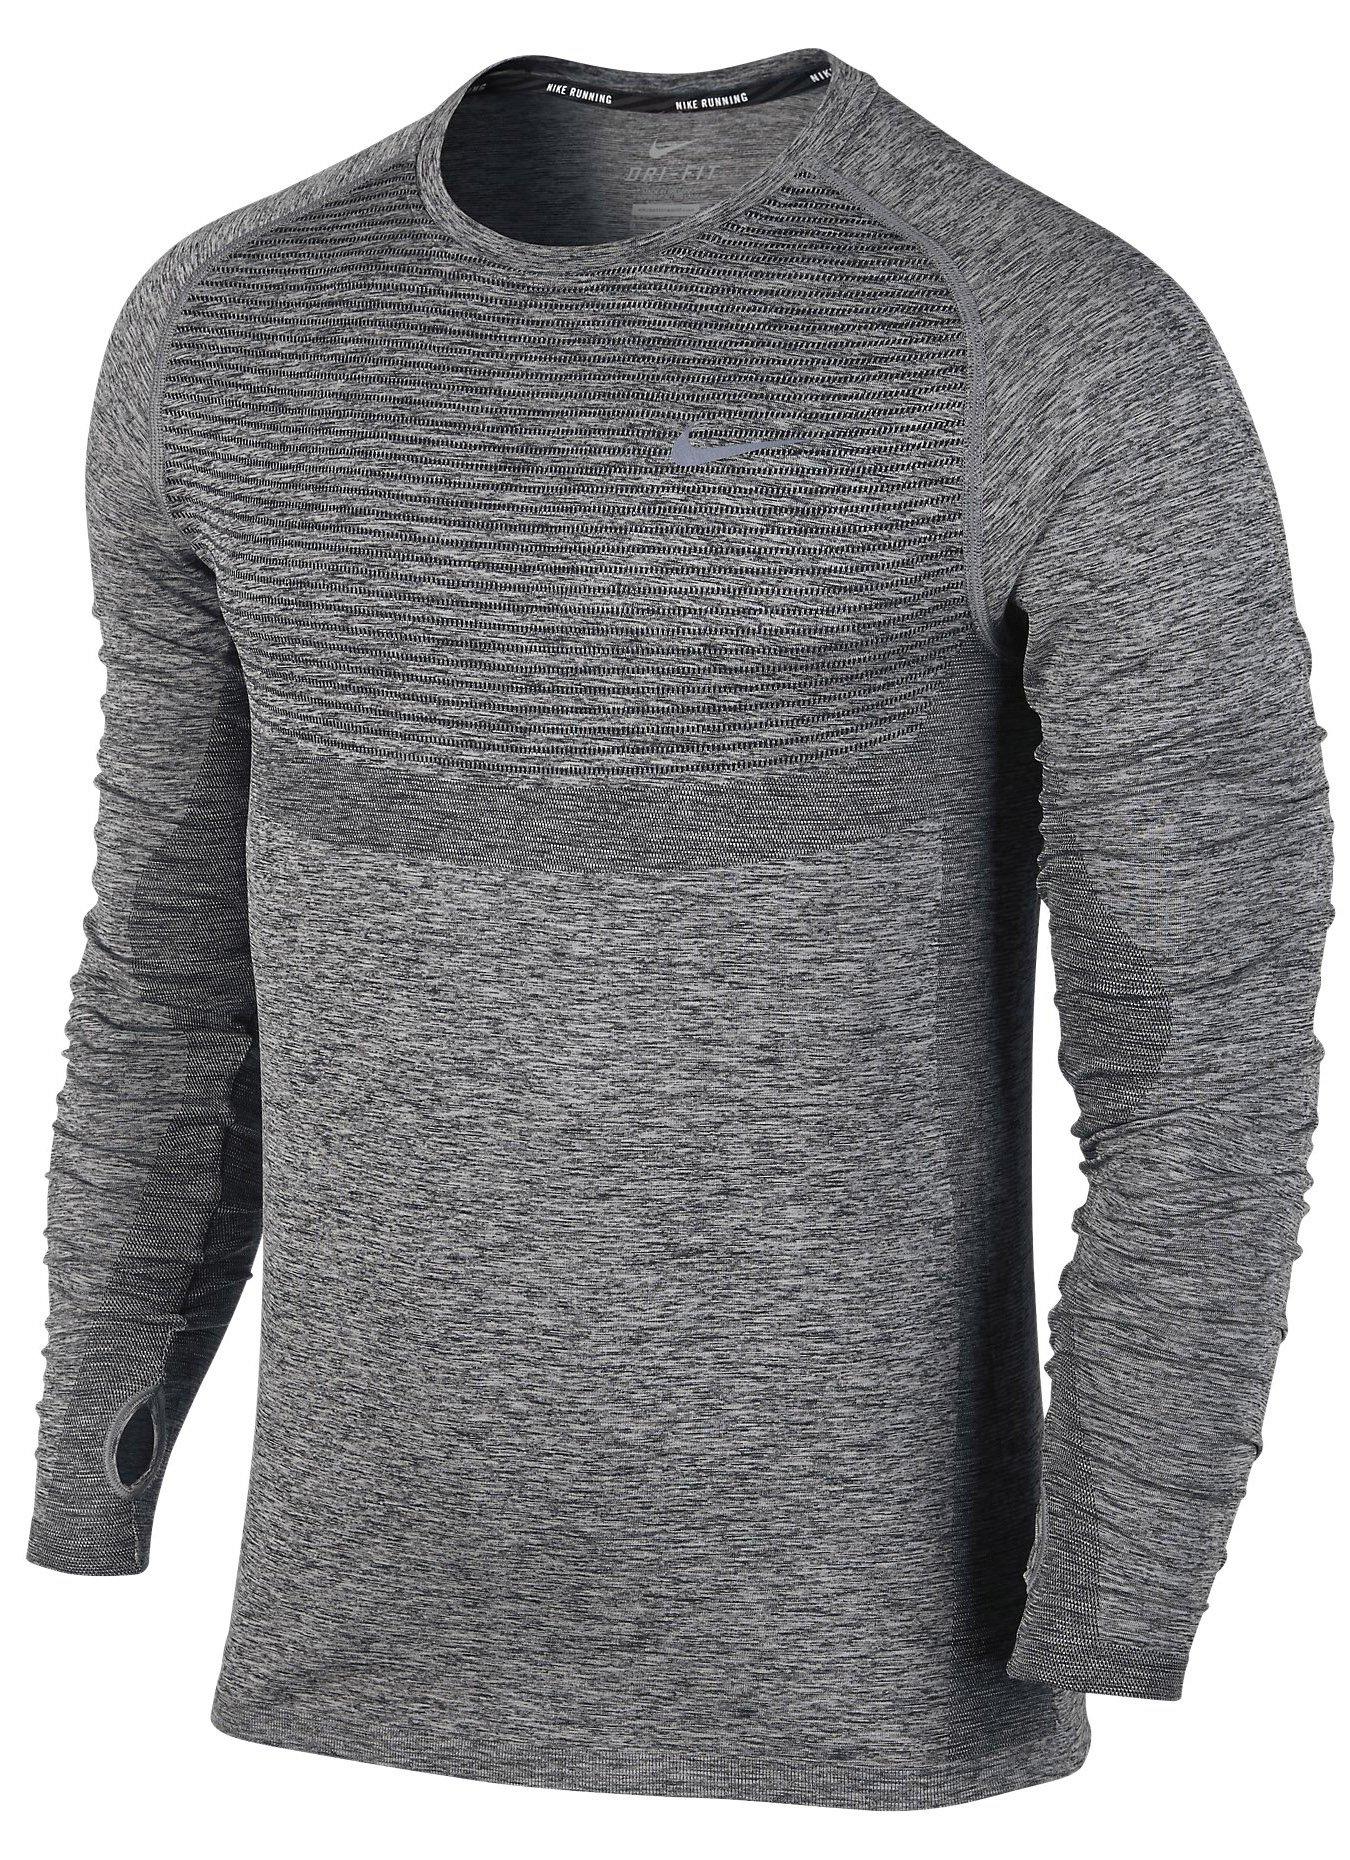 Běžecké tričko s dlouhým rukávem Nike Dri-FIT KNIT